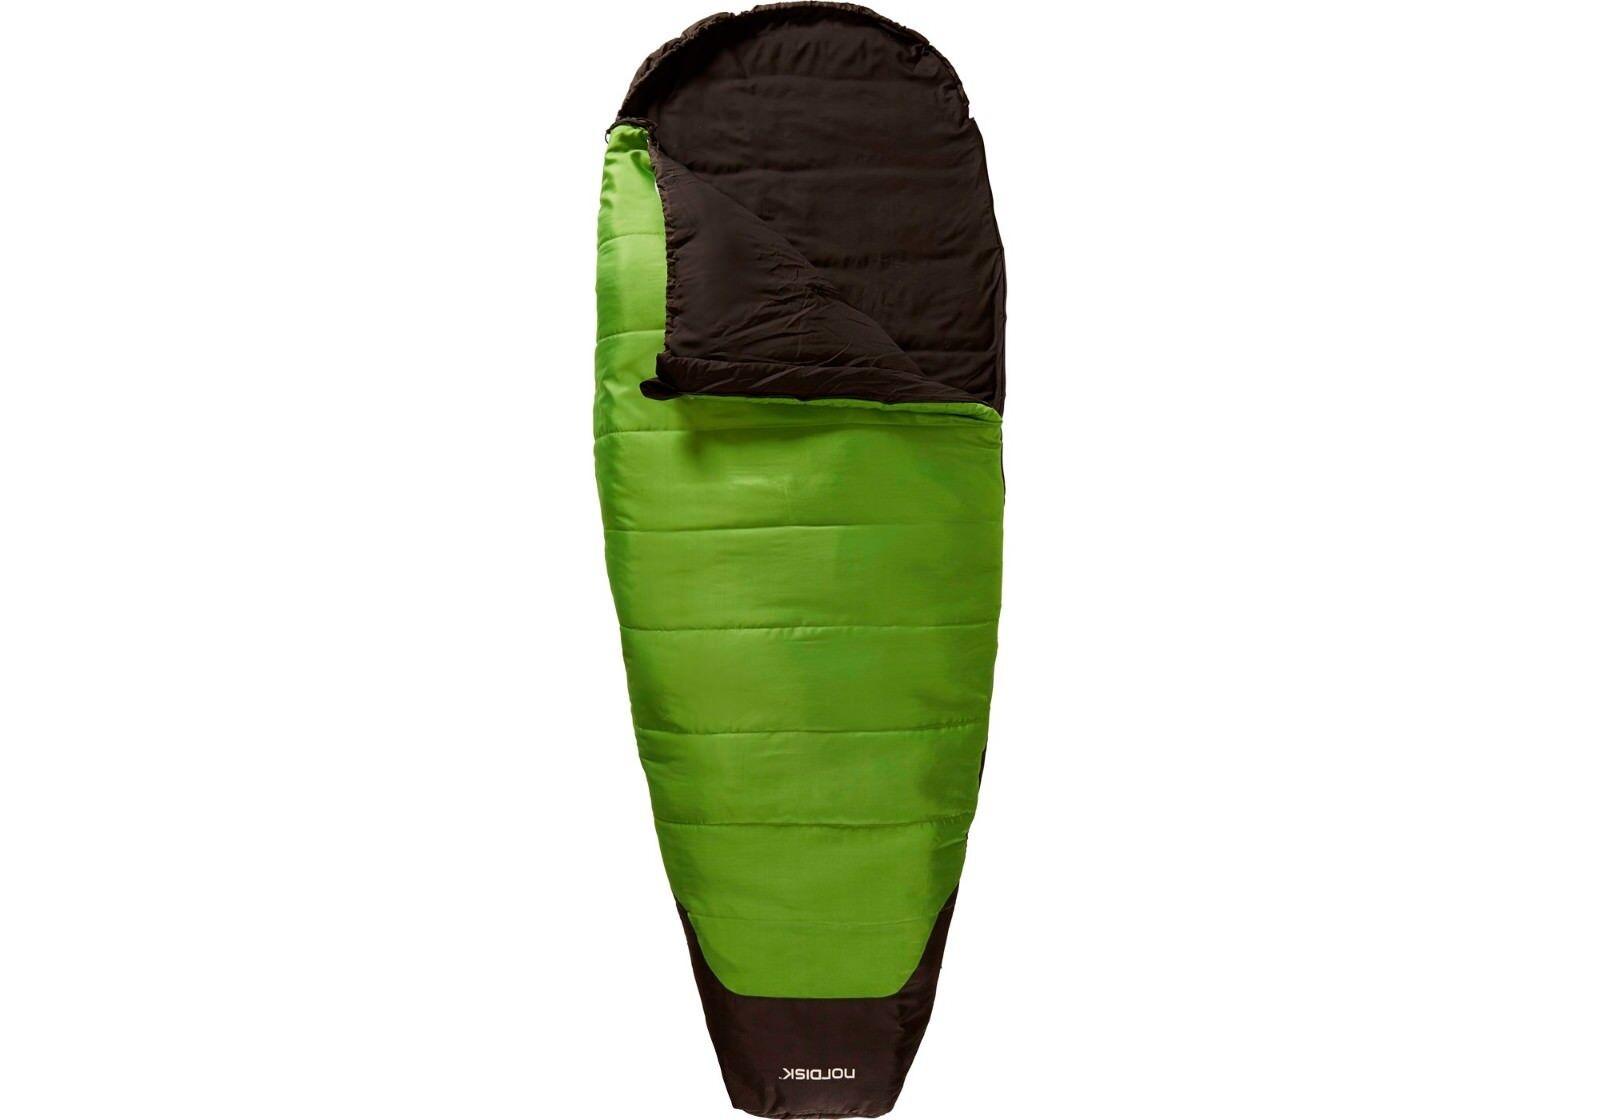 Nordisk abel mumienschklafsack eiform = libertad de movimiento 2 temperaturas 2 tamaño